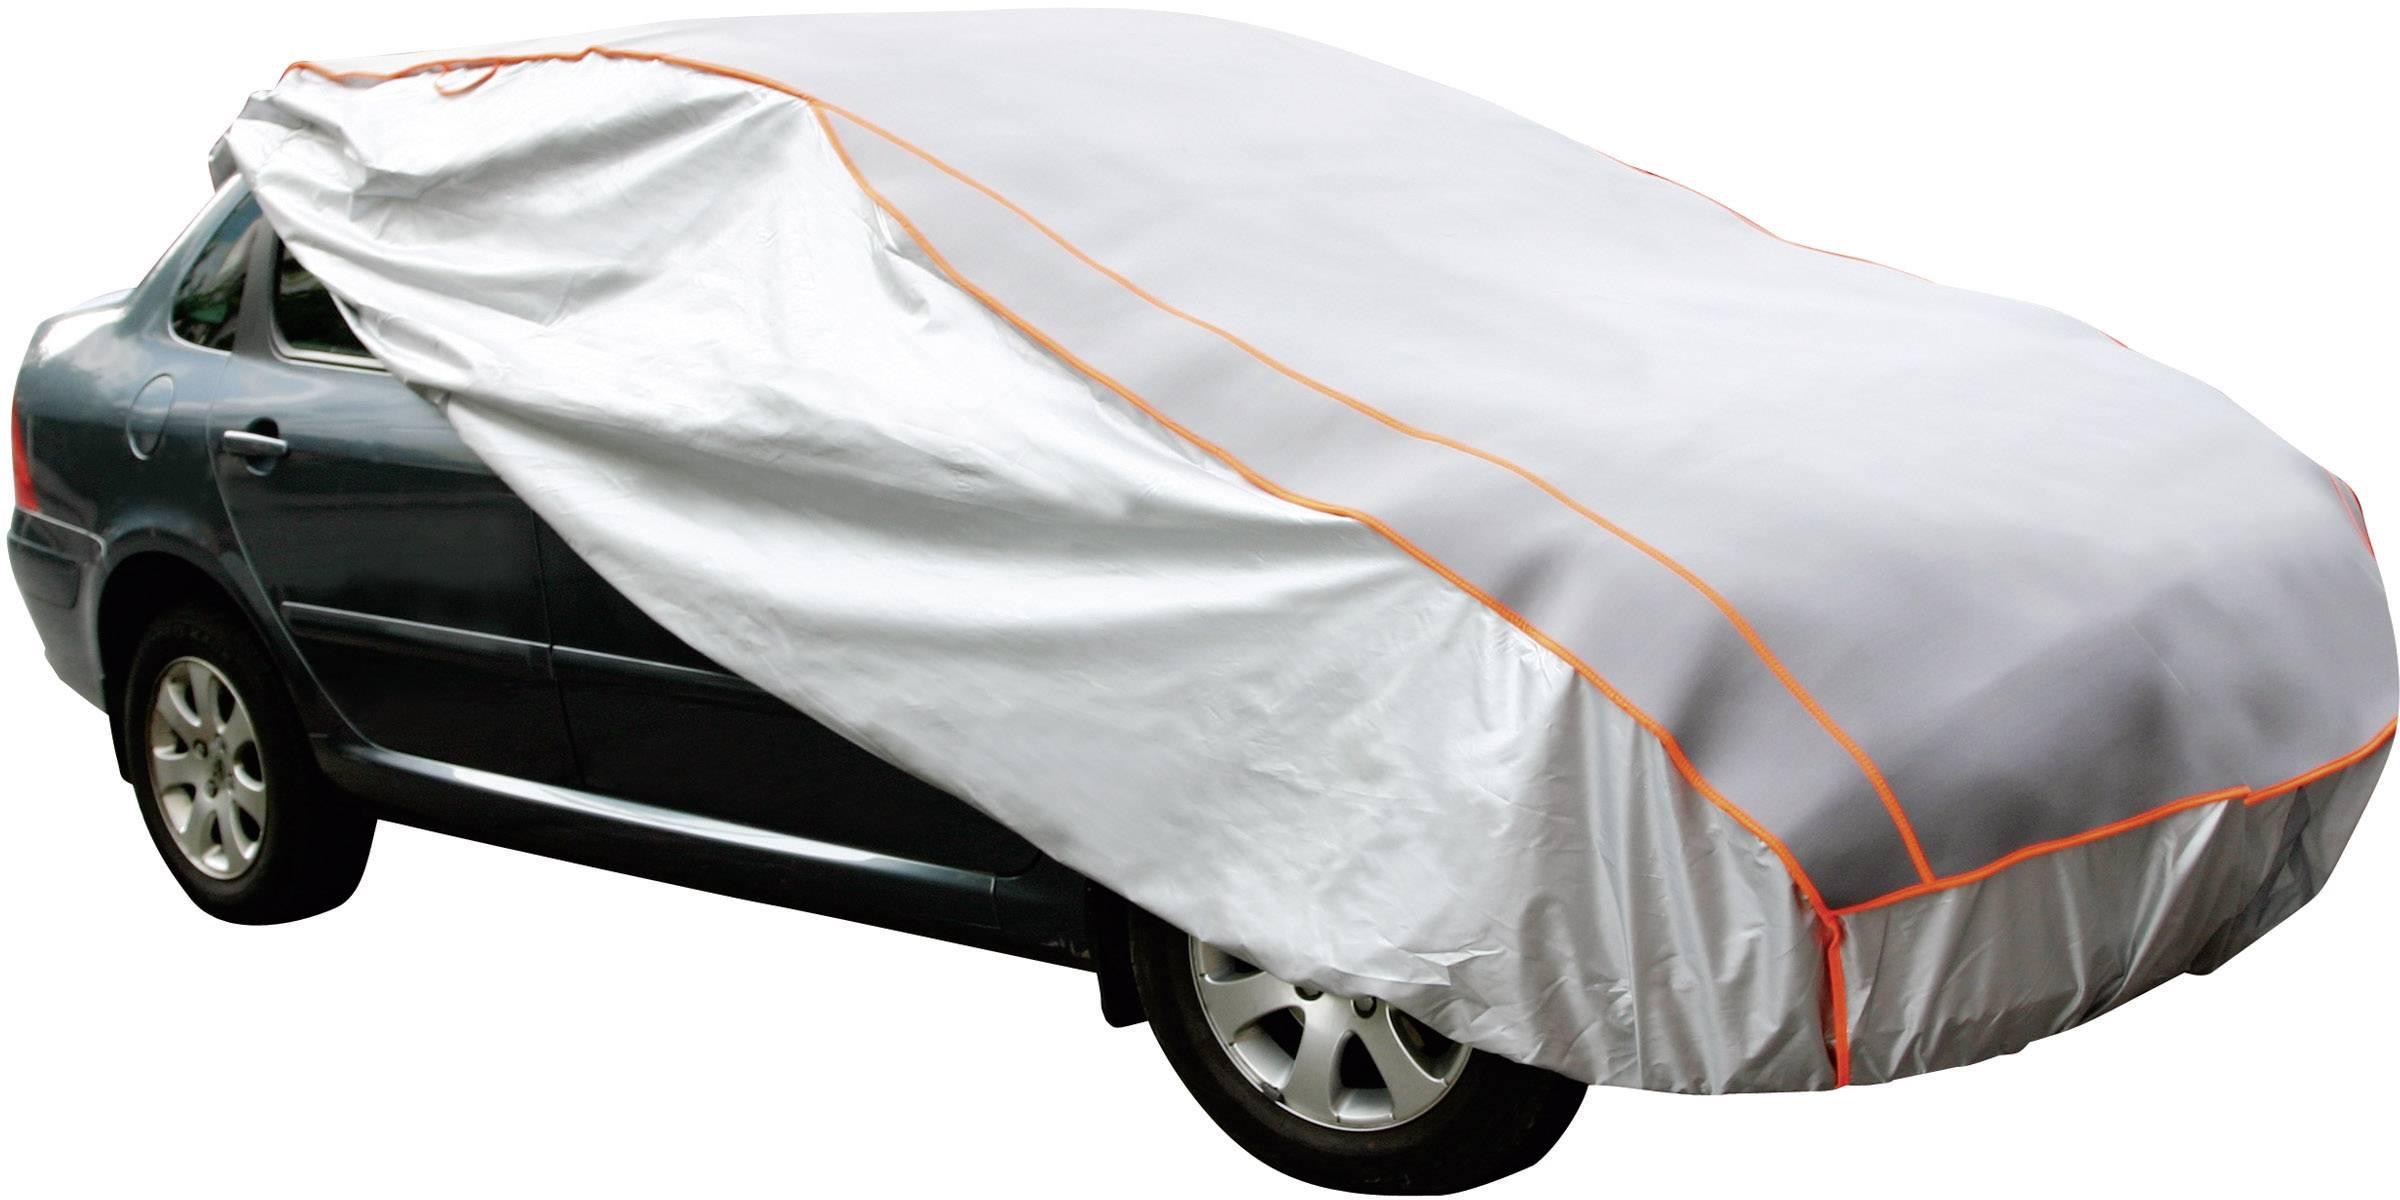 Plachta na automobil ochranná 18271 (d x š x v) 572 x 203 x 120 cm